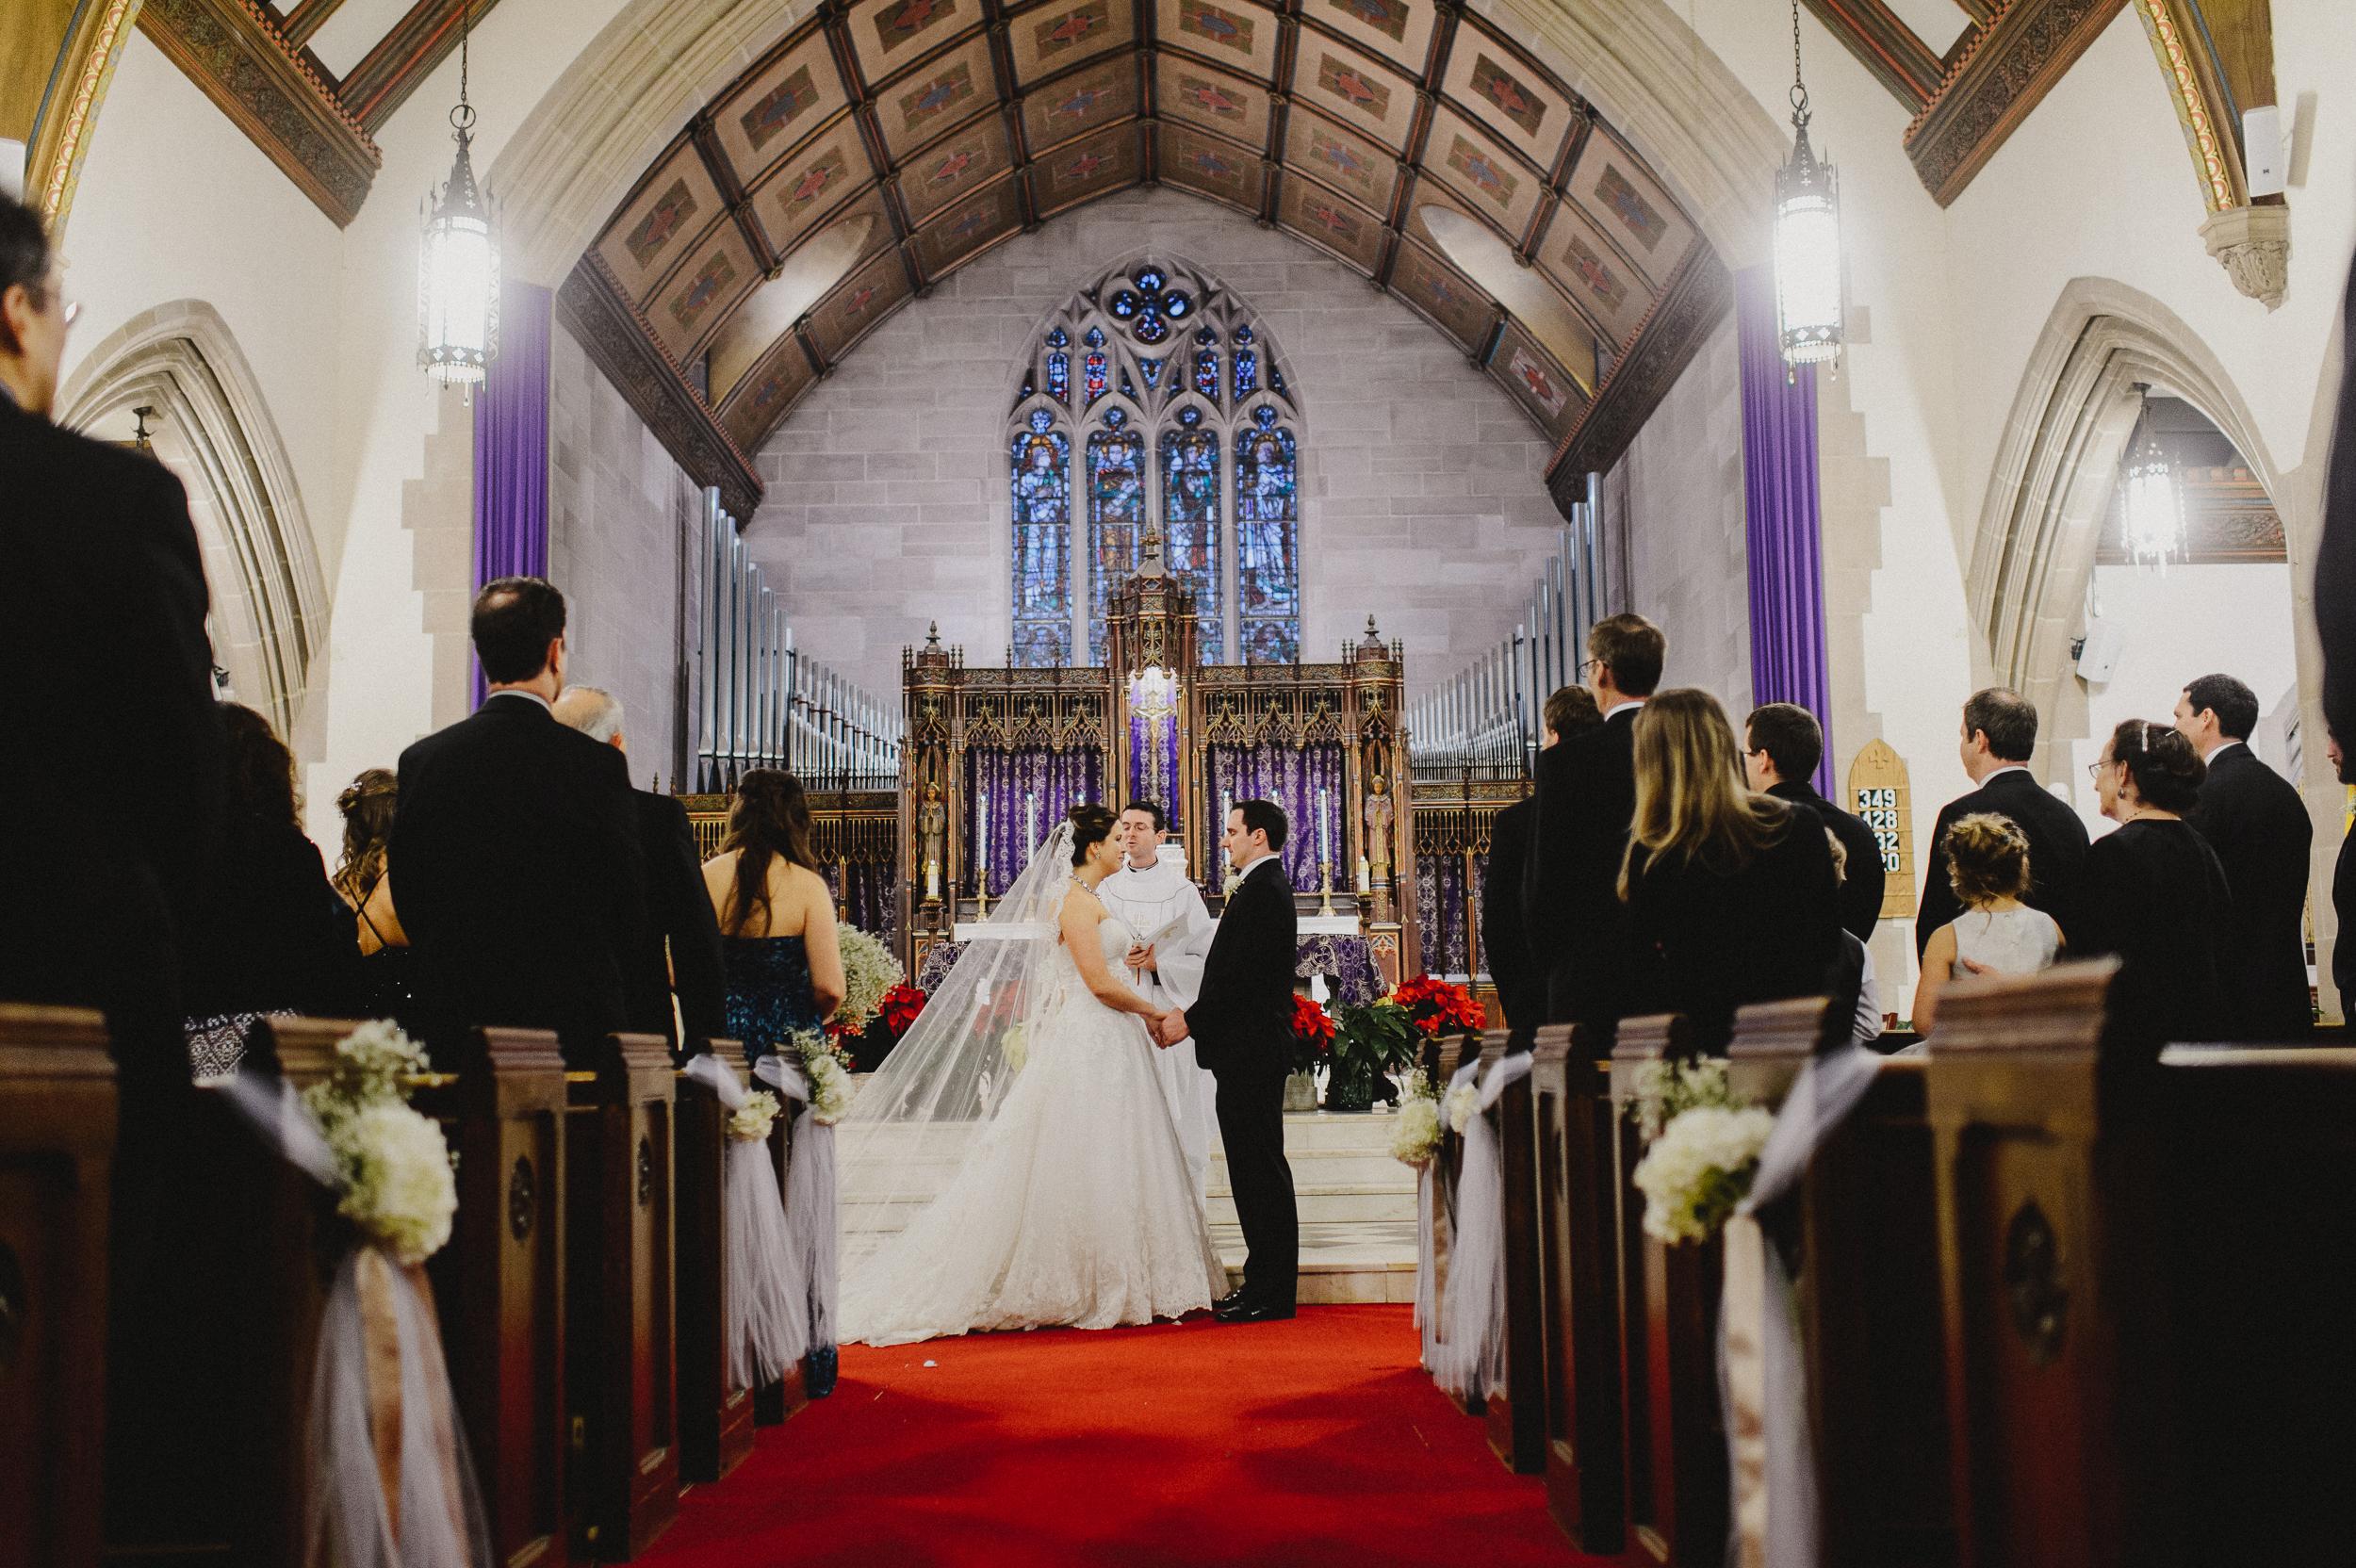 vermont-destination-wedding-photographer-44.jpg